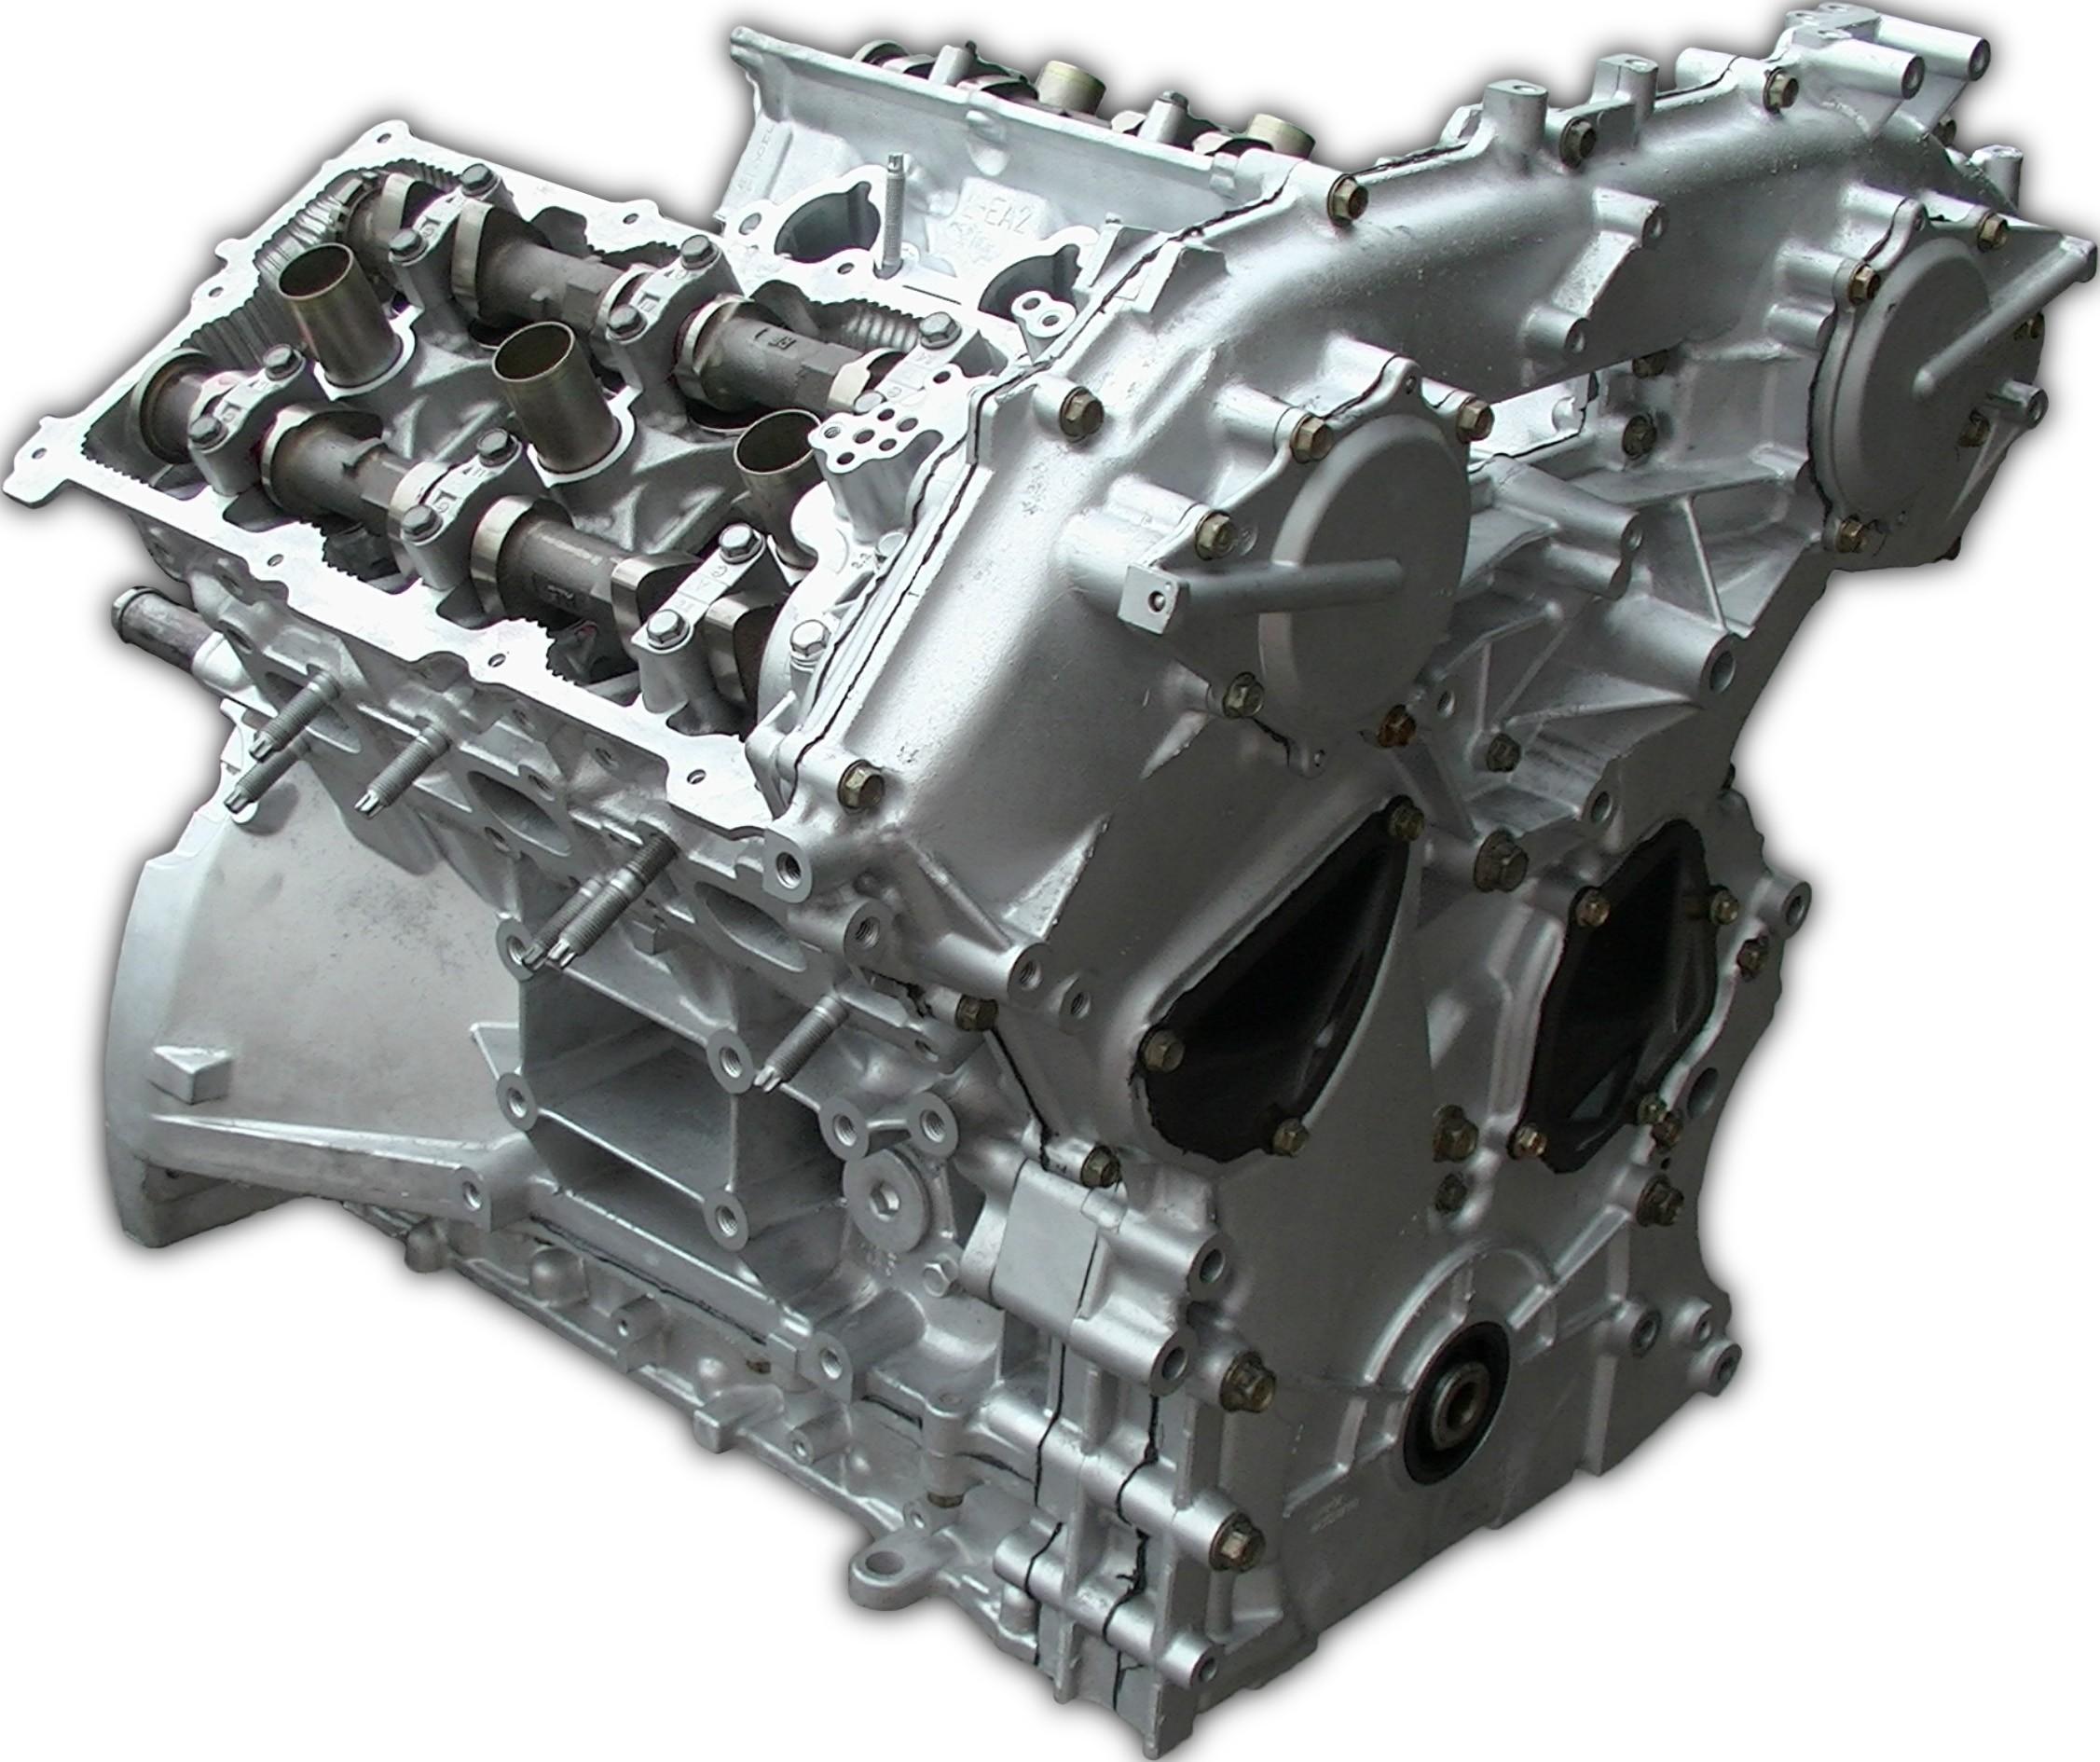 rebuilt 05 08 nissan pathfinder 4 0l v6 vq40de engine 171 kar king auto